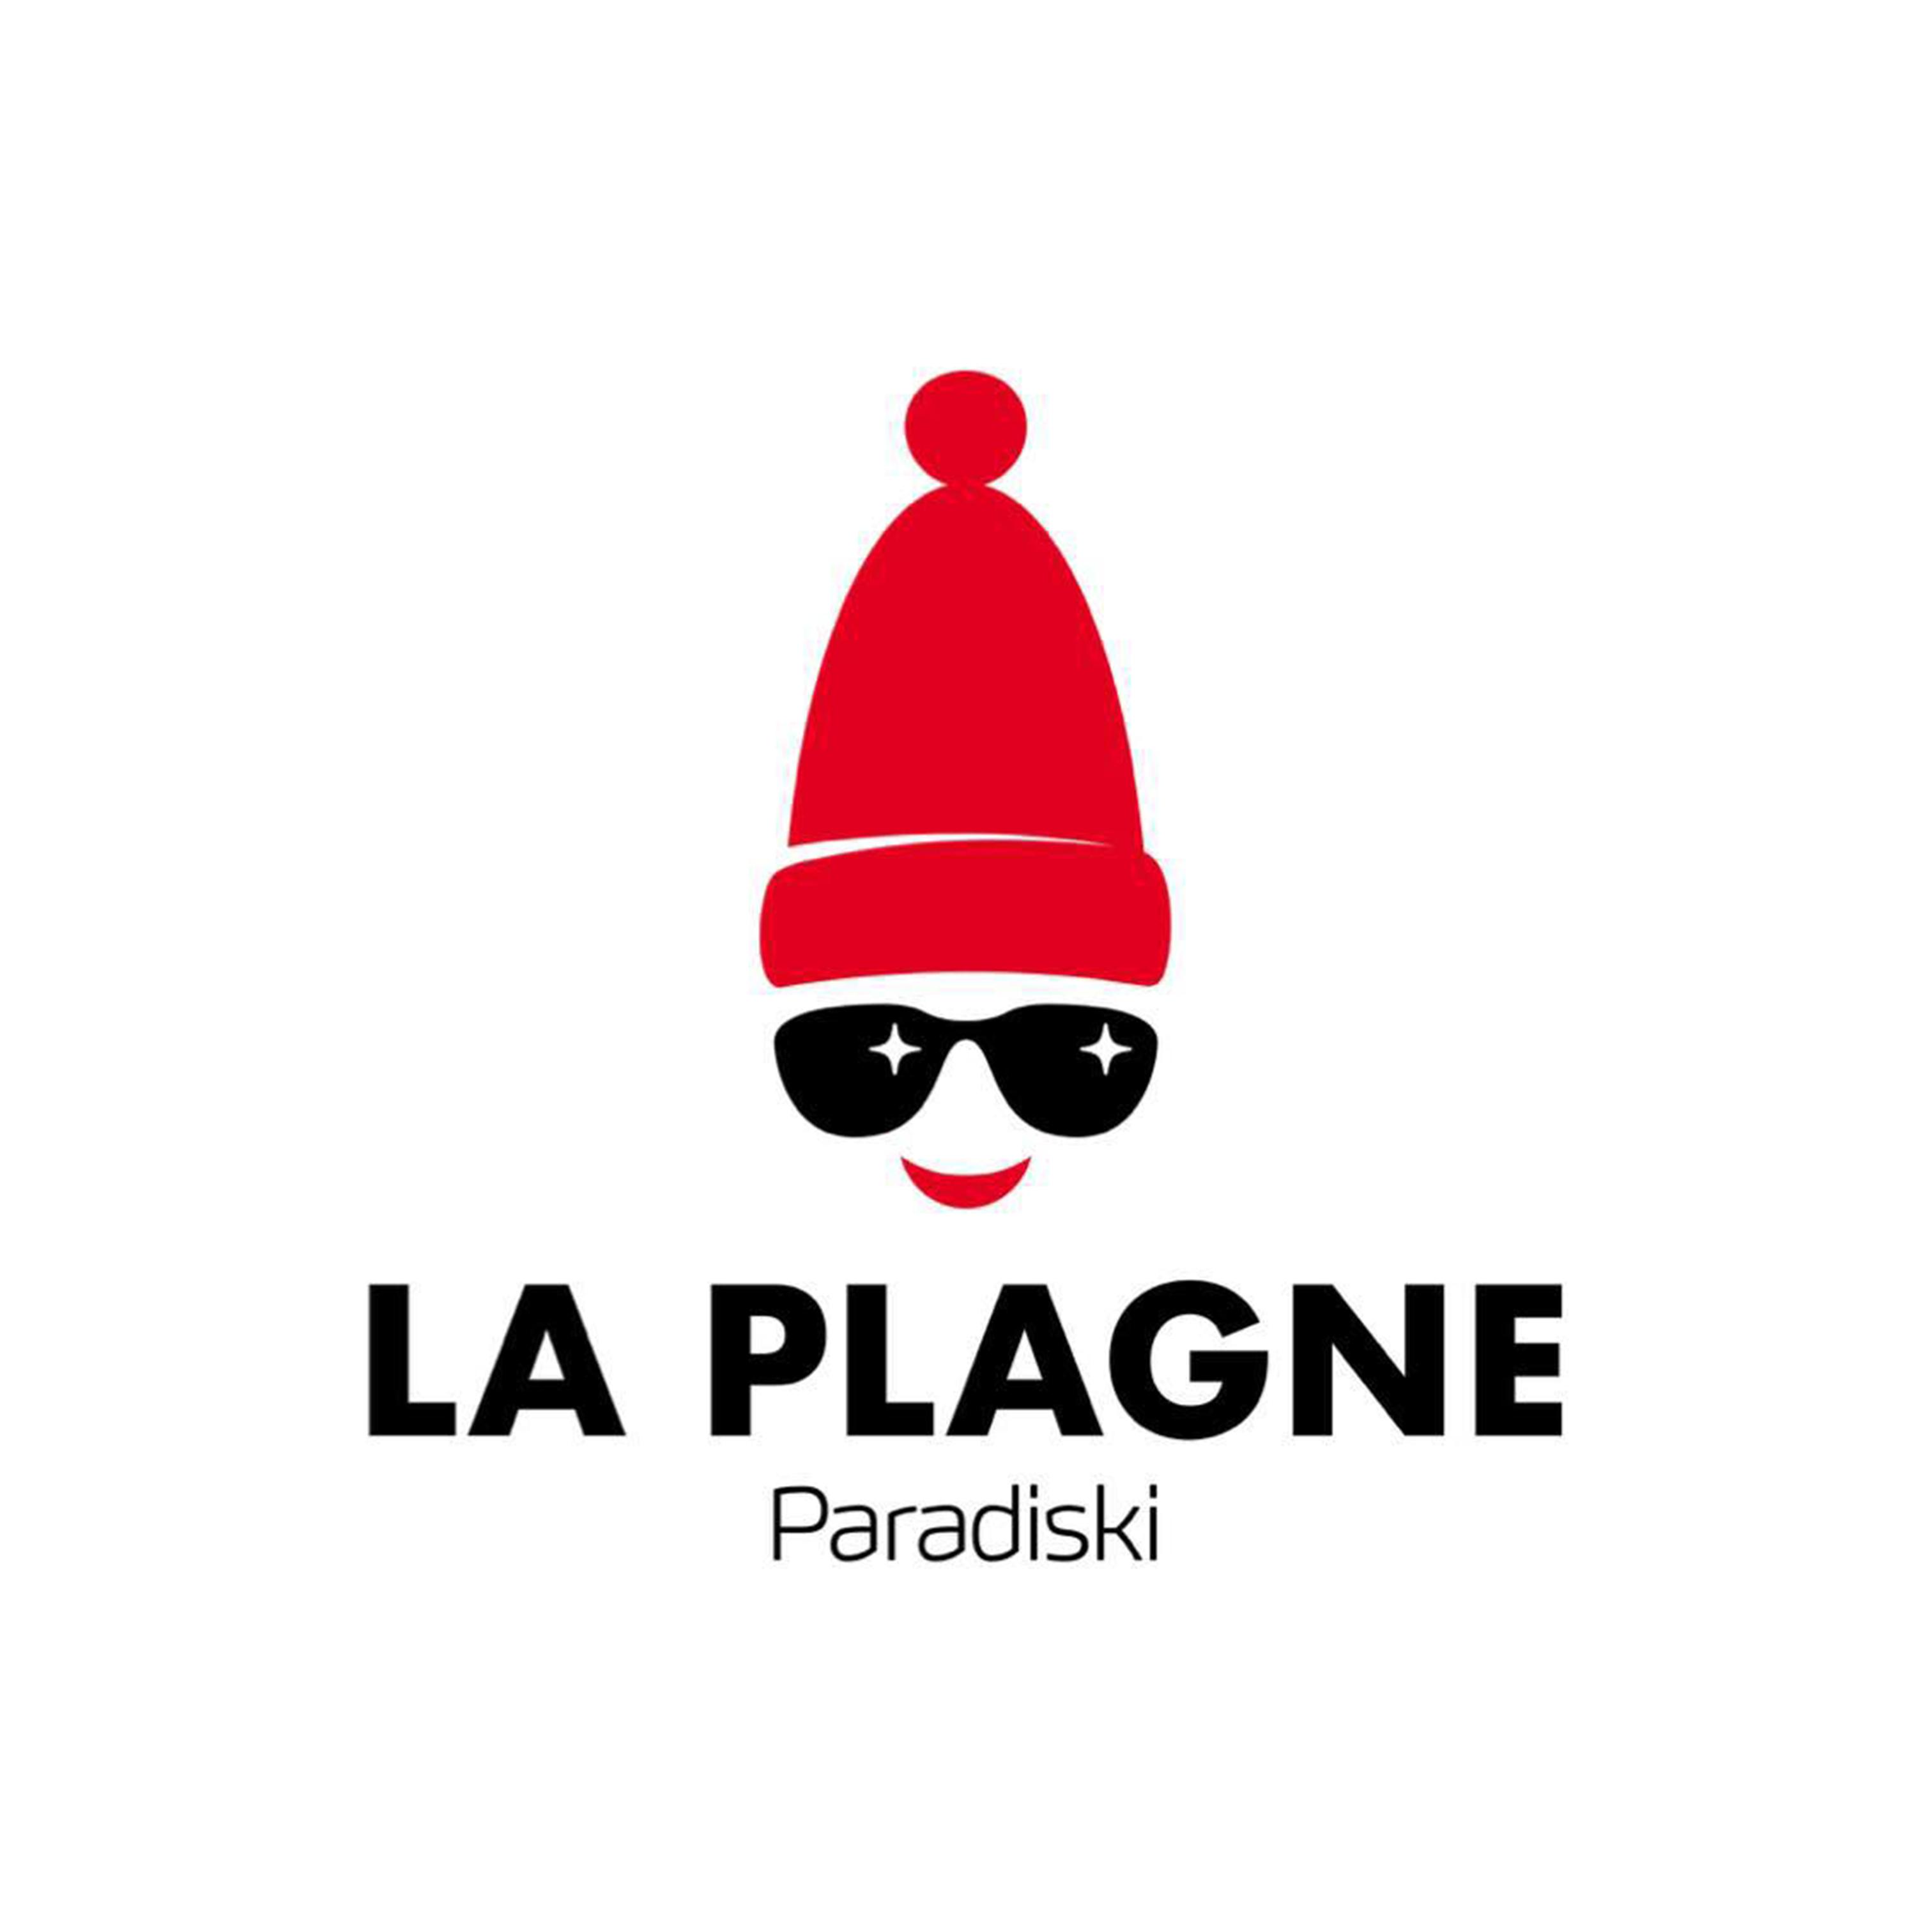 la-plaigne-paradiski